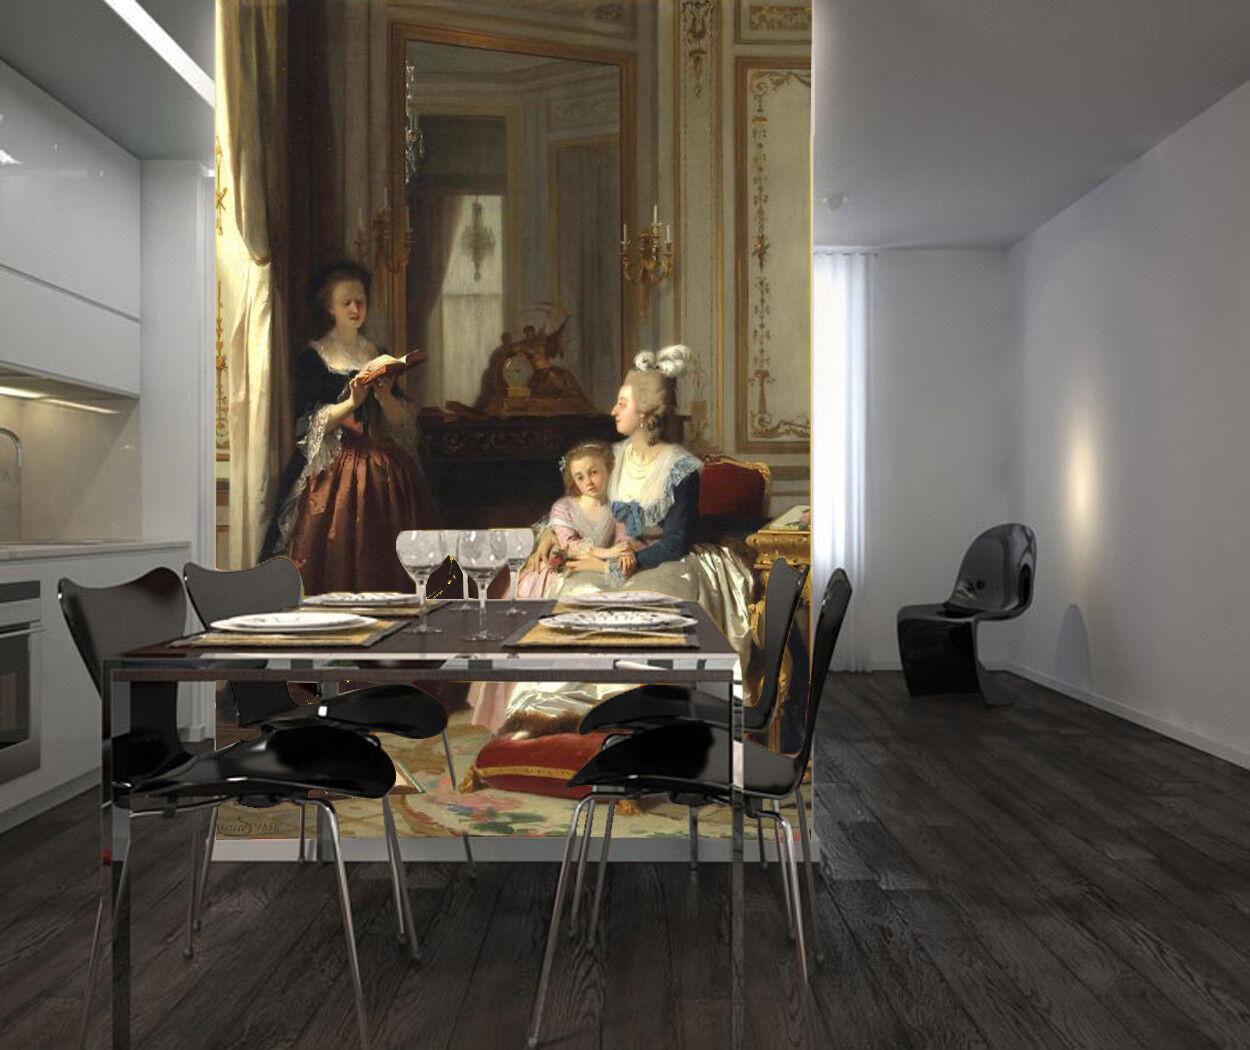 3D Retro Malerei 7859 7859 7859 Tapete Wandgemälde Tapete Tapeten Bild Familie DE Lemon | Große Klassifizierung  | Verrückte Preis  | Fein Verarbeitet  4923ea